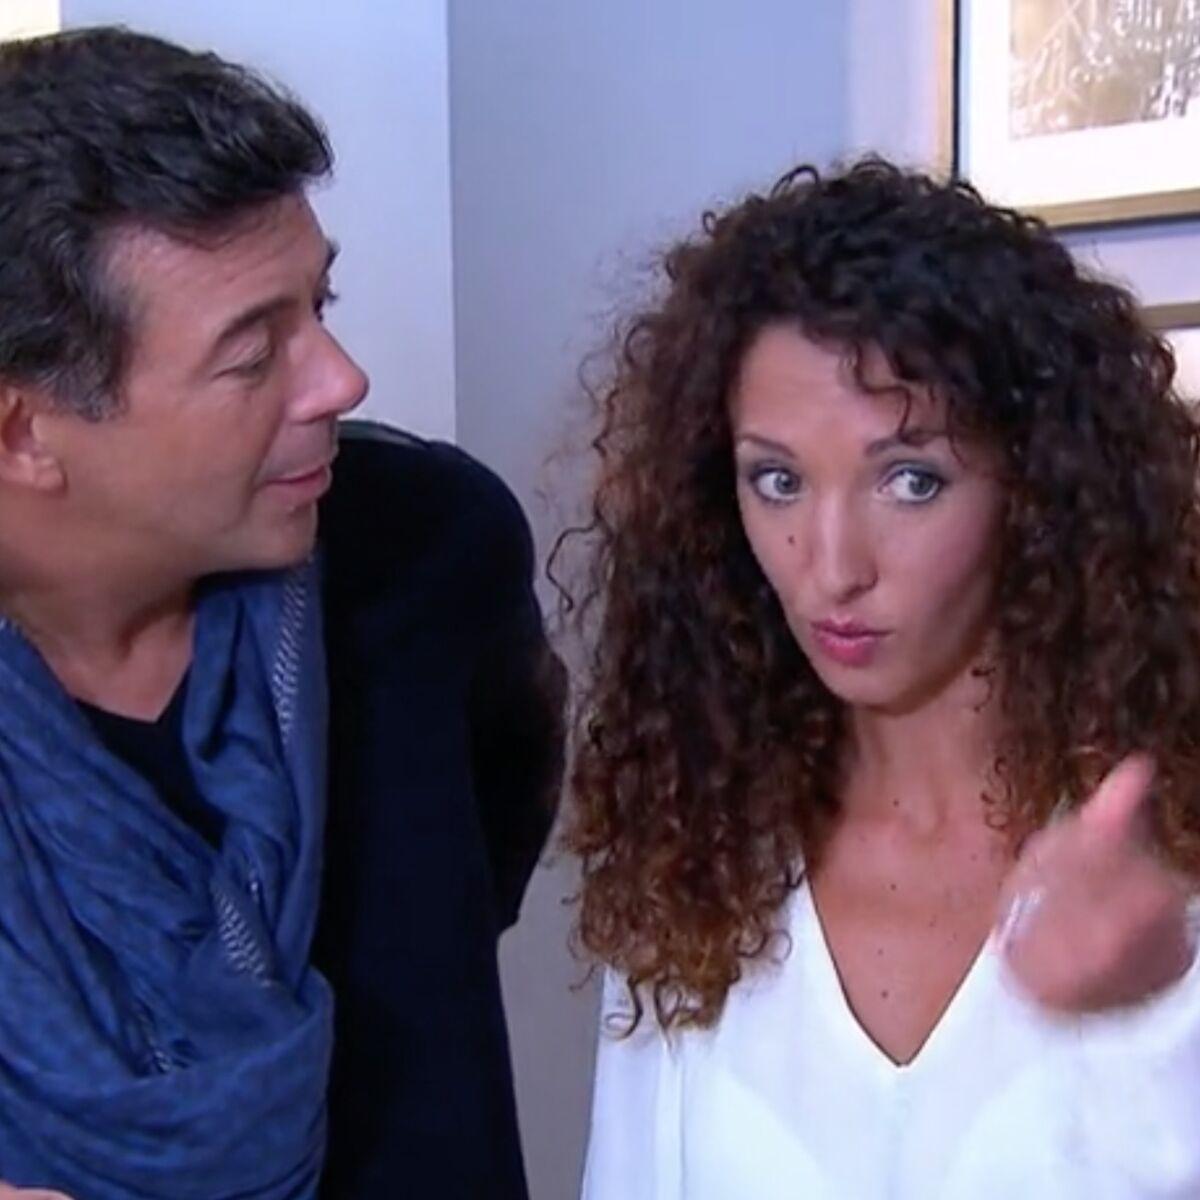 Maison A Vendre Qui Est Emmanuelle Rivassoux La Decoratrice D Interieur De Stephane Plaza Dans L Emission Femme Actuelle Le Mag